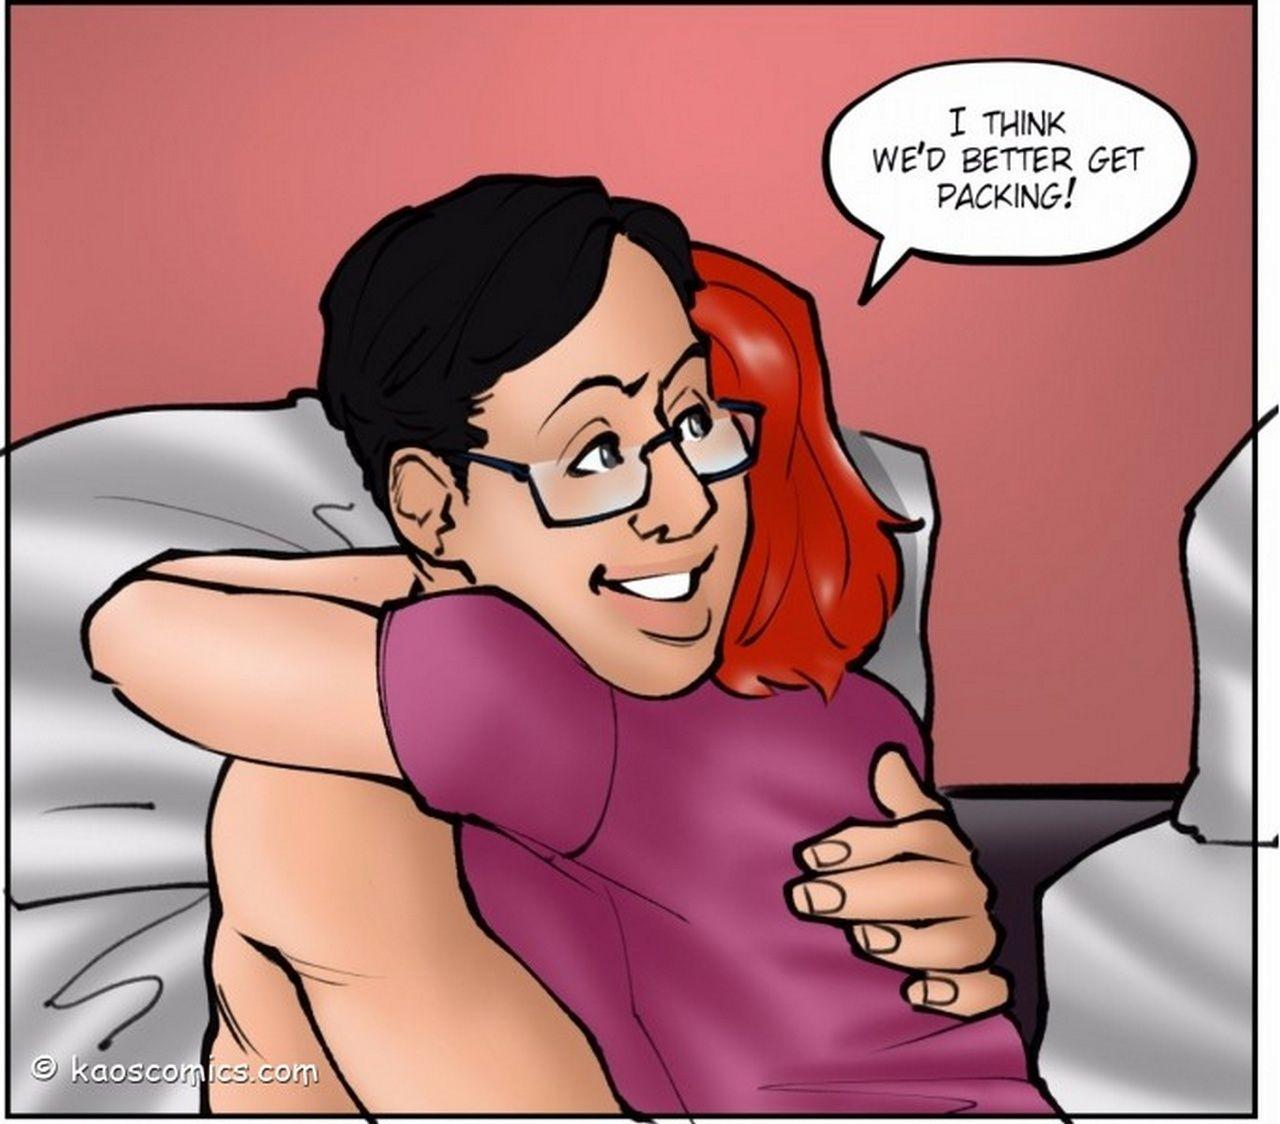 межрассовые порно комиксы онлайн № 772205 бесплатно